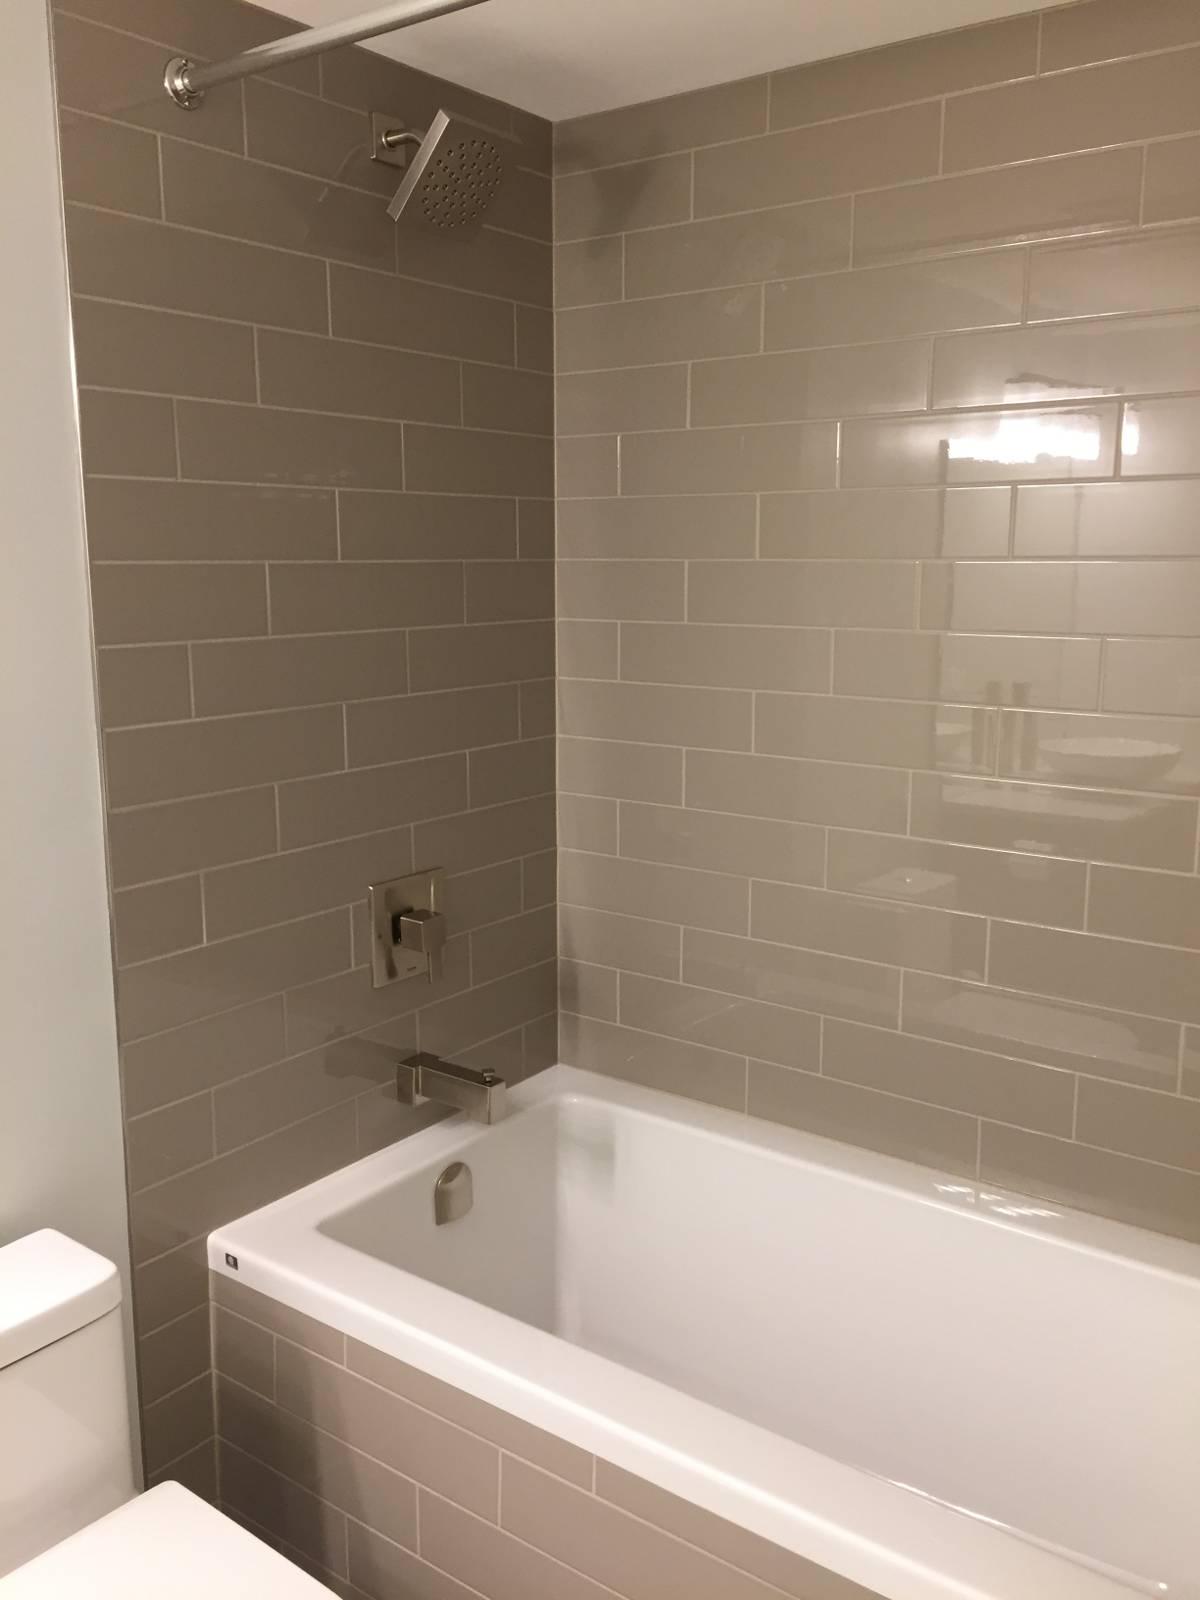 Bathroom renovation costs - Verschoor-guest-bath-after-3-1200W-70